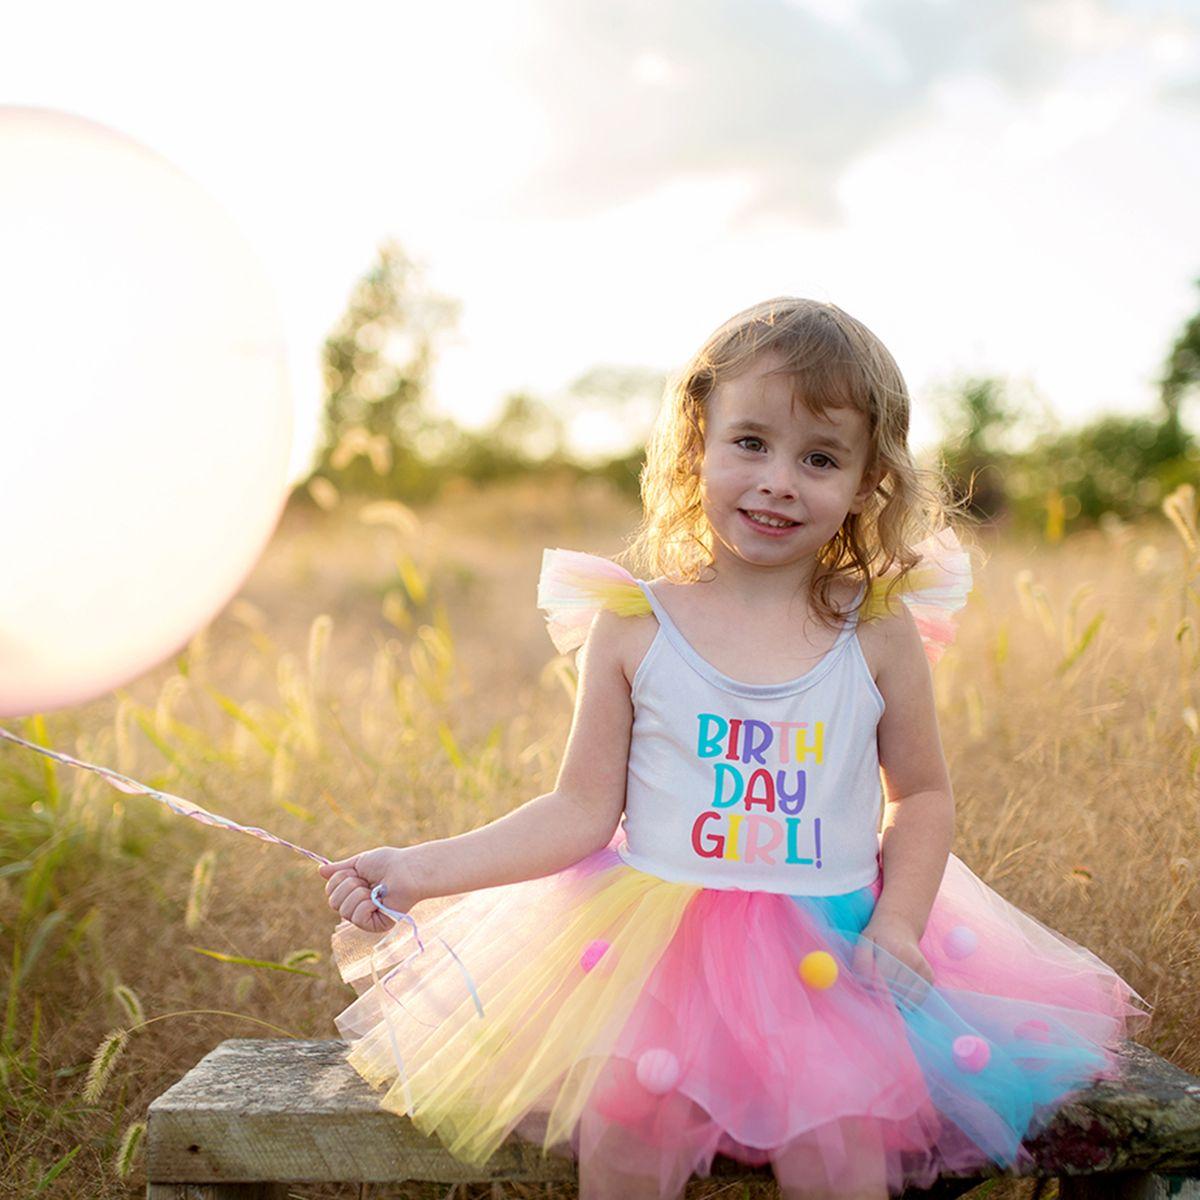 Geburtstagskleid Birthday Girl 4-5 Jahre Tüllkleid bunt mit Haarreif Sommerkleid Mädchen Geburtstagskind festlich feiern